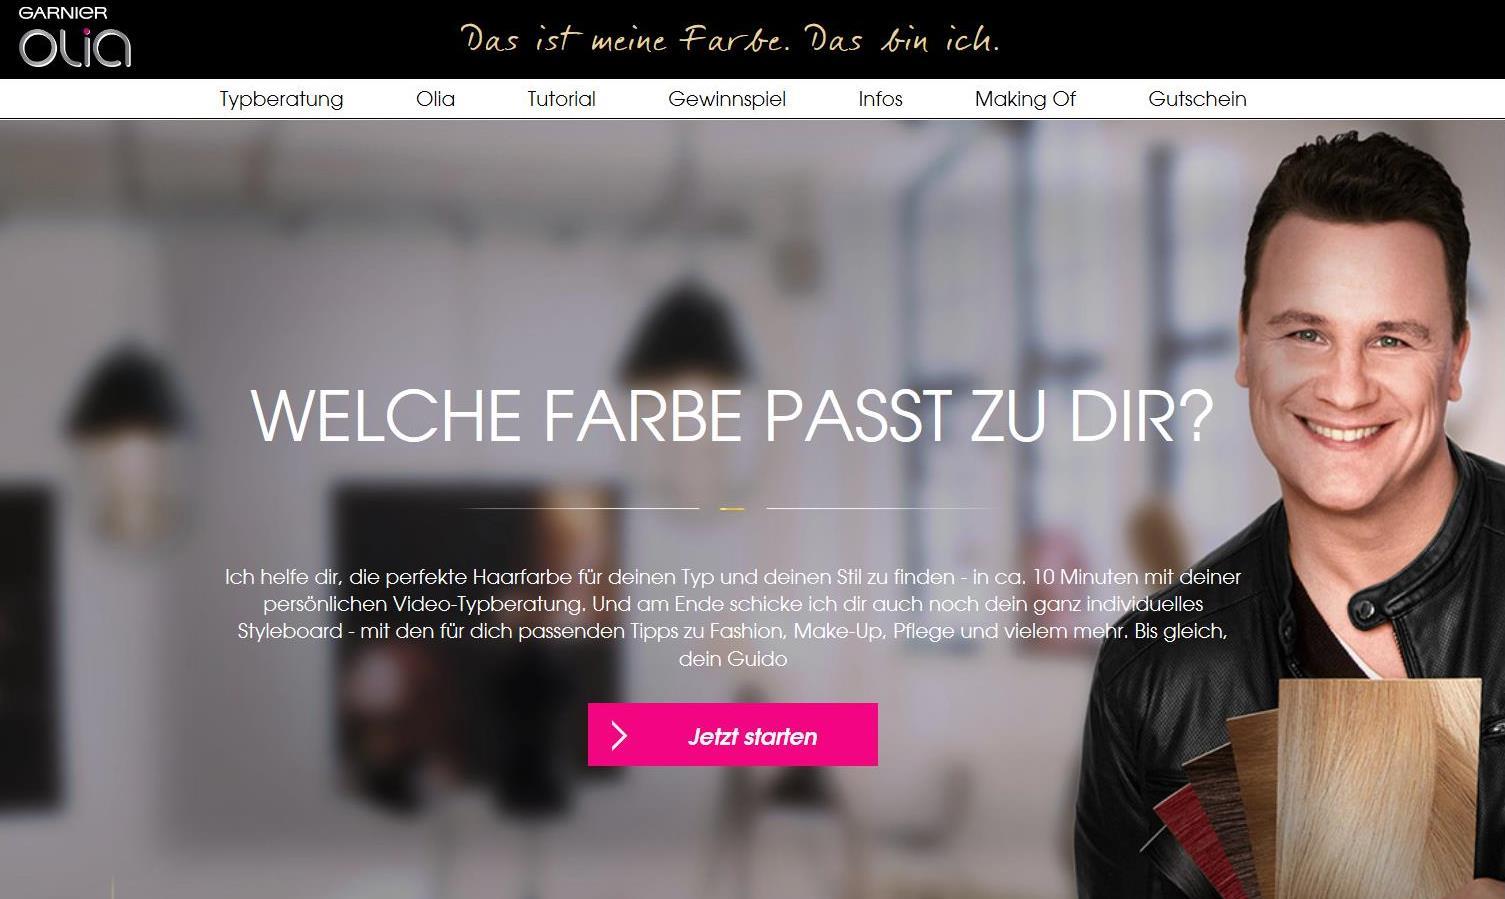 online typberatung garnier mit guido maria kretschmer testgiraffe